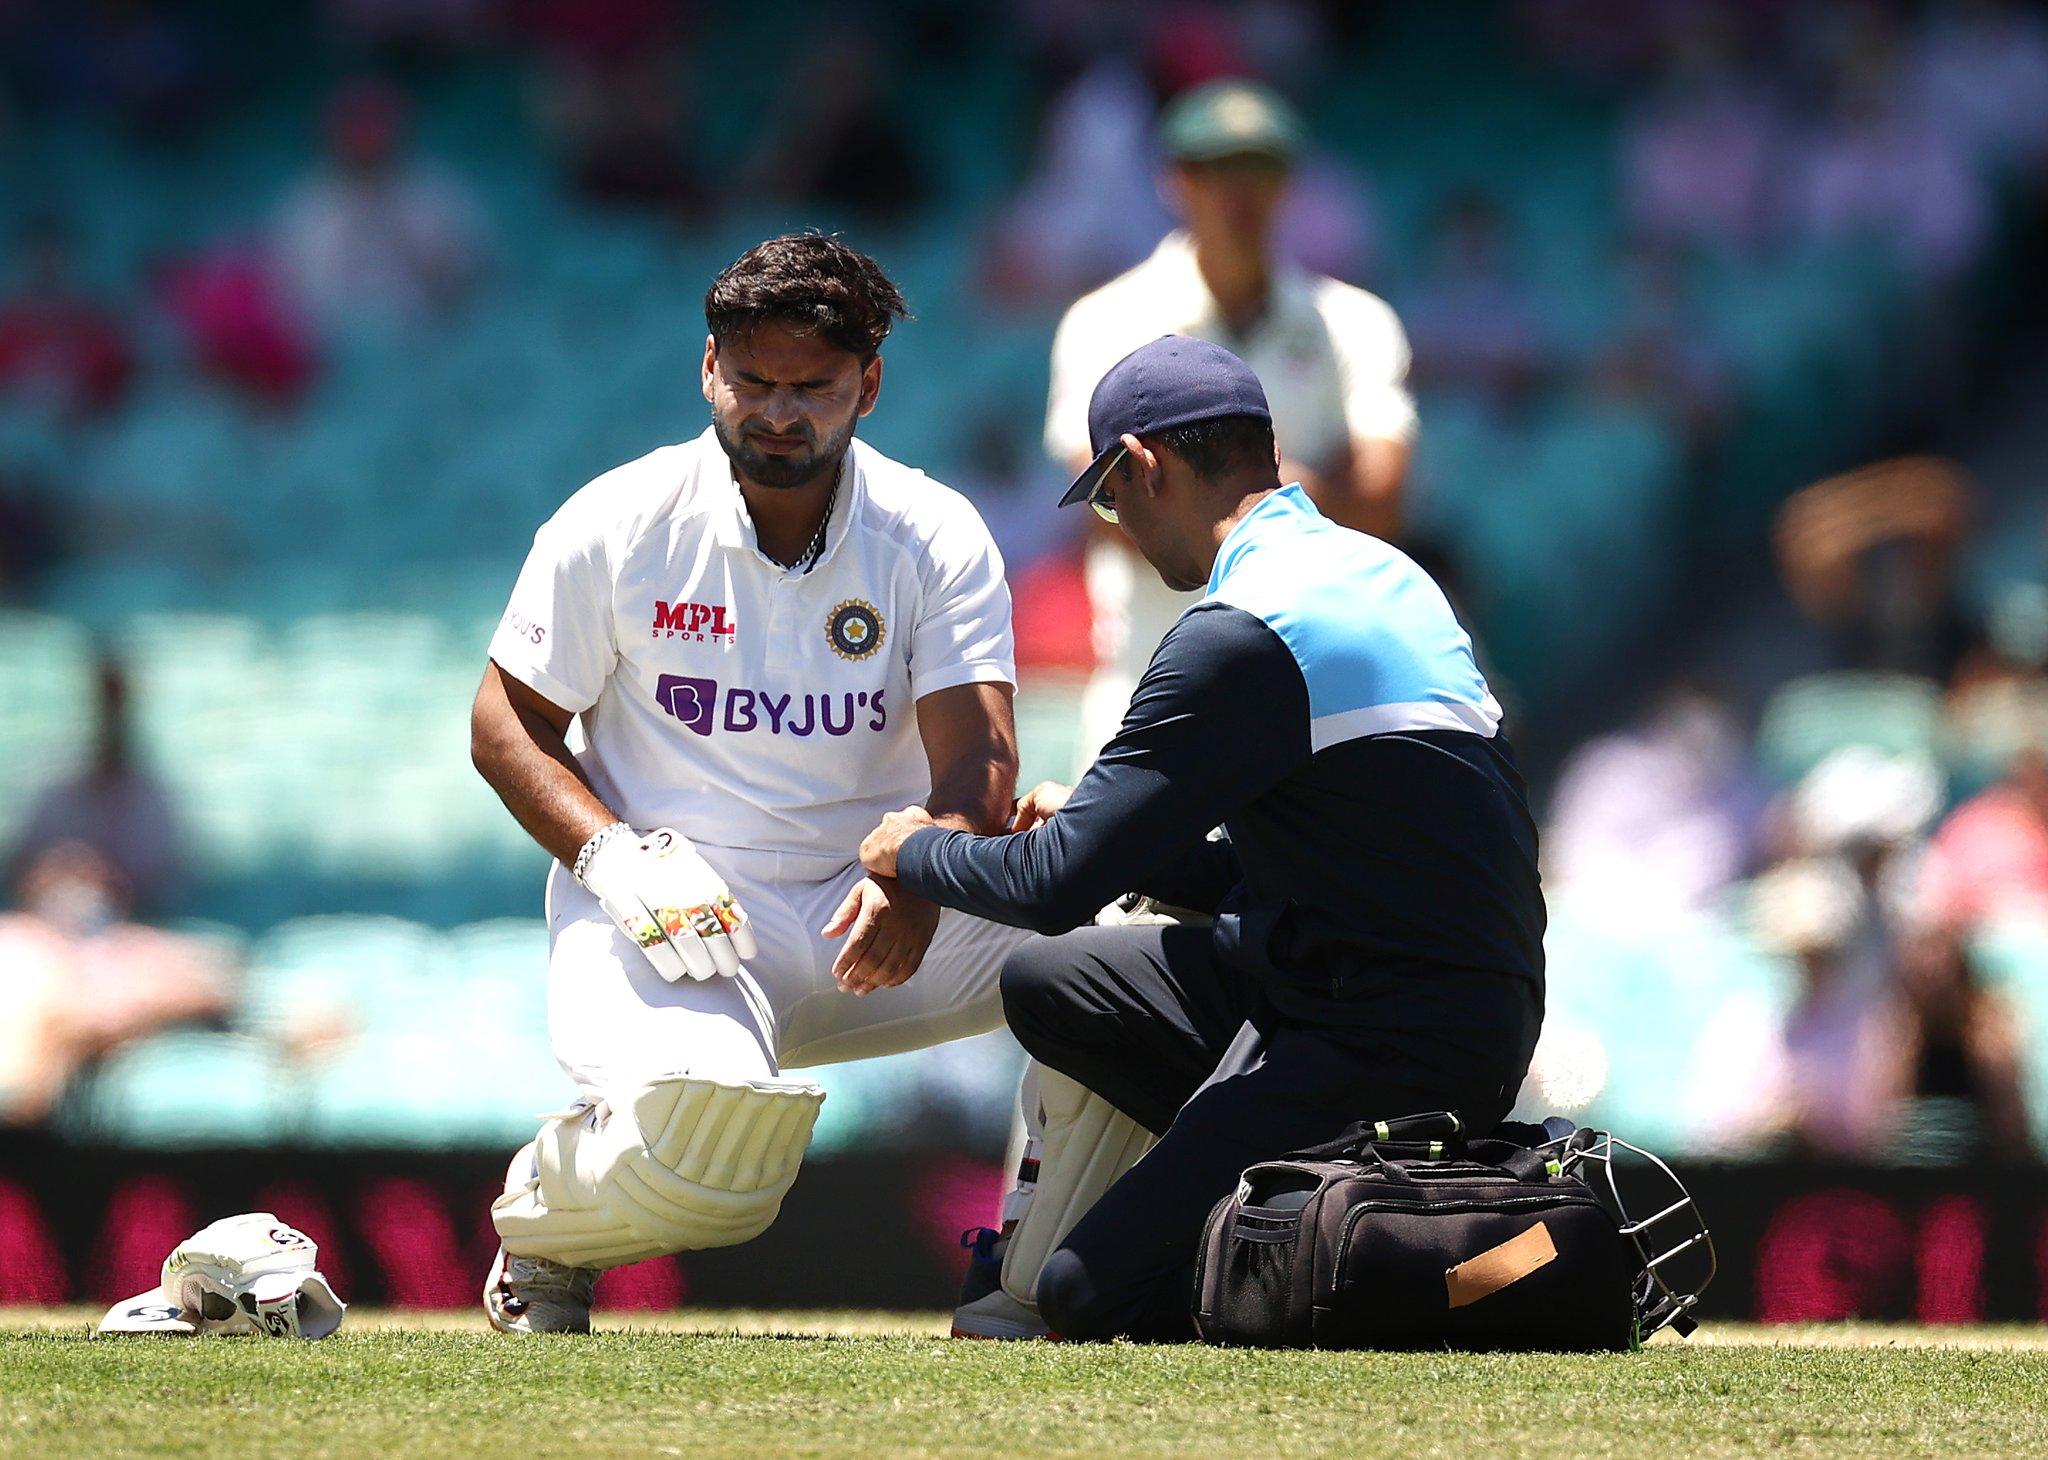 पहली पारी में टीम इंडिया की बैटिंग के दौरान पंत के कोहनी में लगी थी चोट।